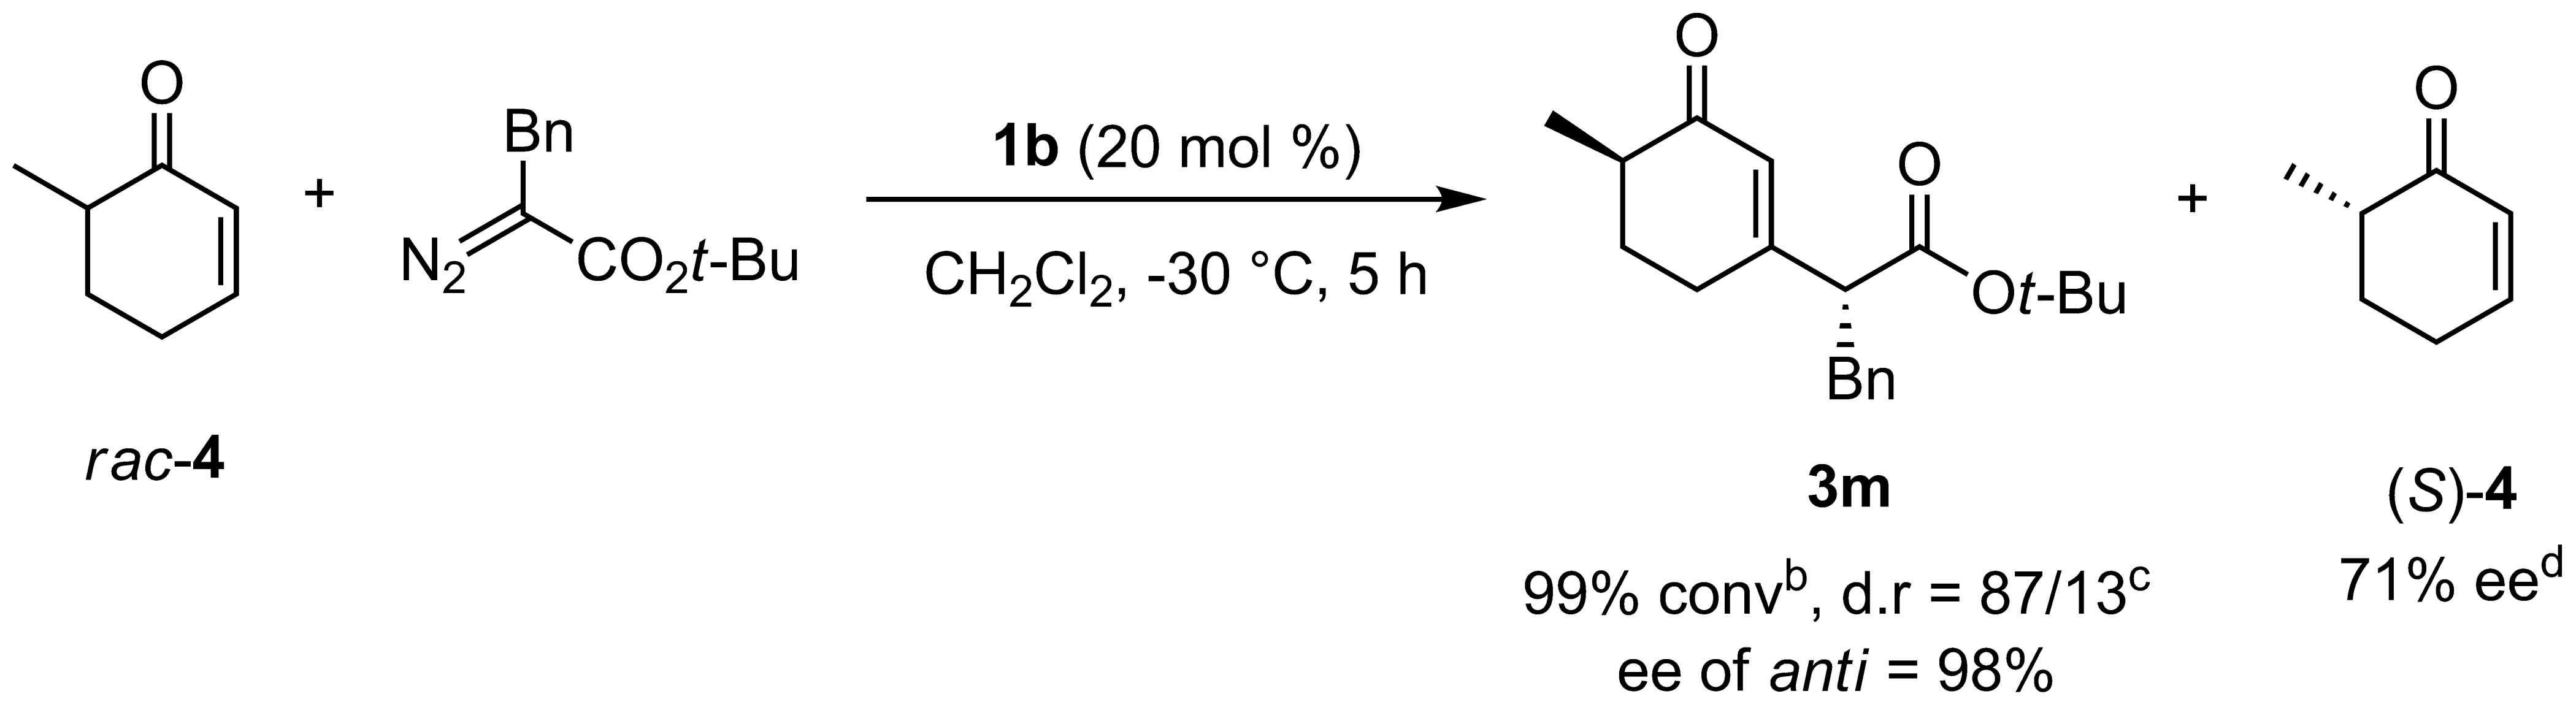 Enantio- and Diastereoselective Carbon Insertion Reaction of 6-Methyl-2-cyclohexen-1-onea.